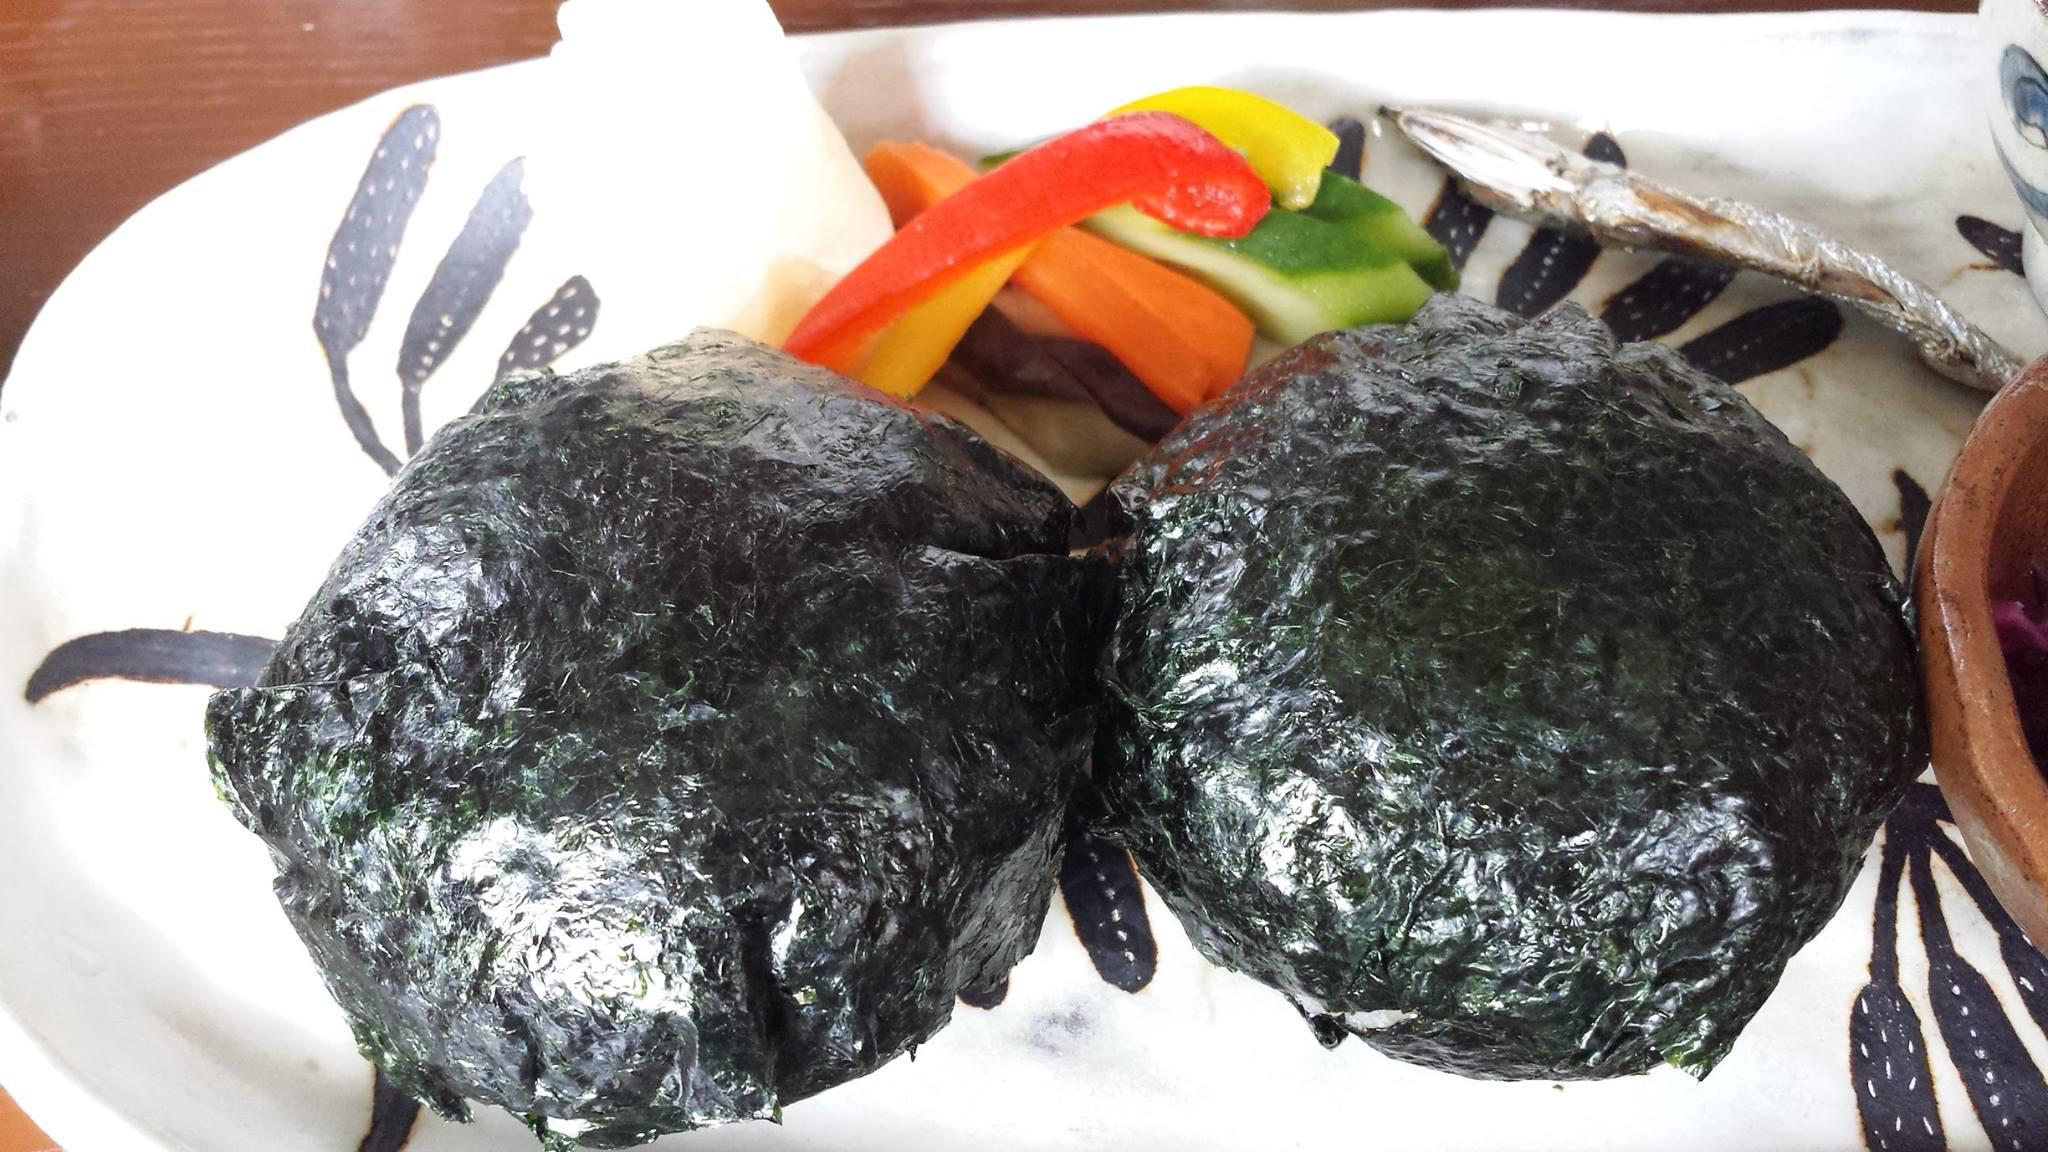 佐藤初女さん直伝のおむすびが食べられる沖縄の「めぇみち」_f0186787_1814260.jpg